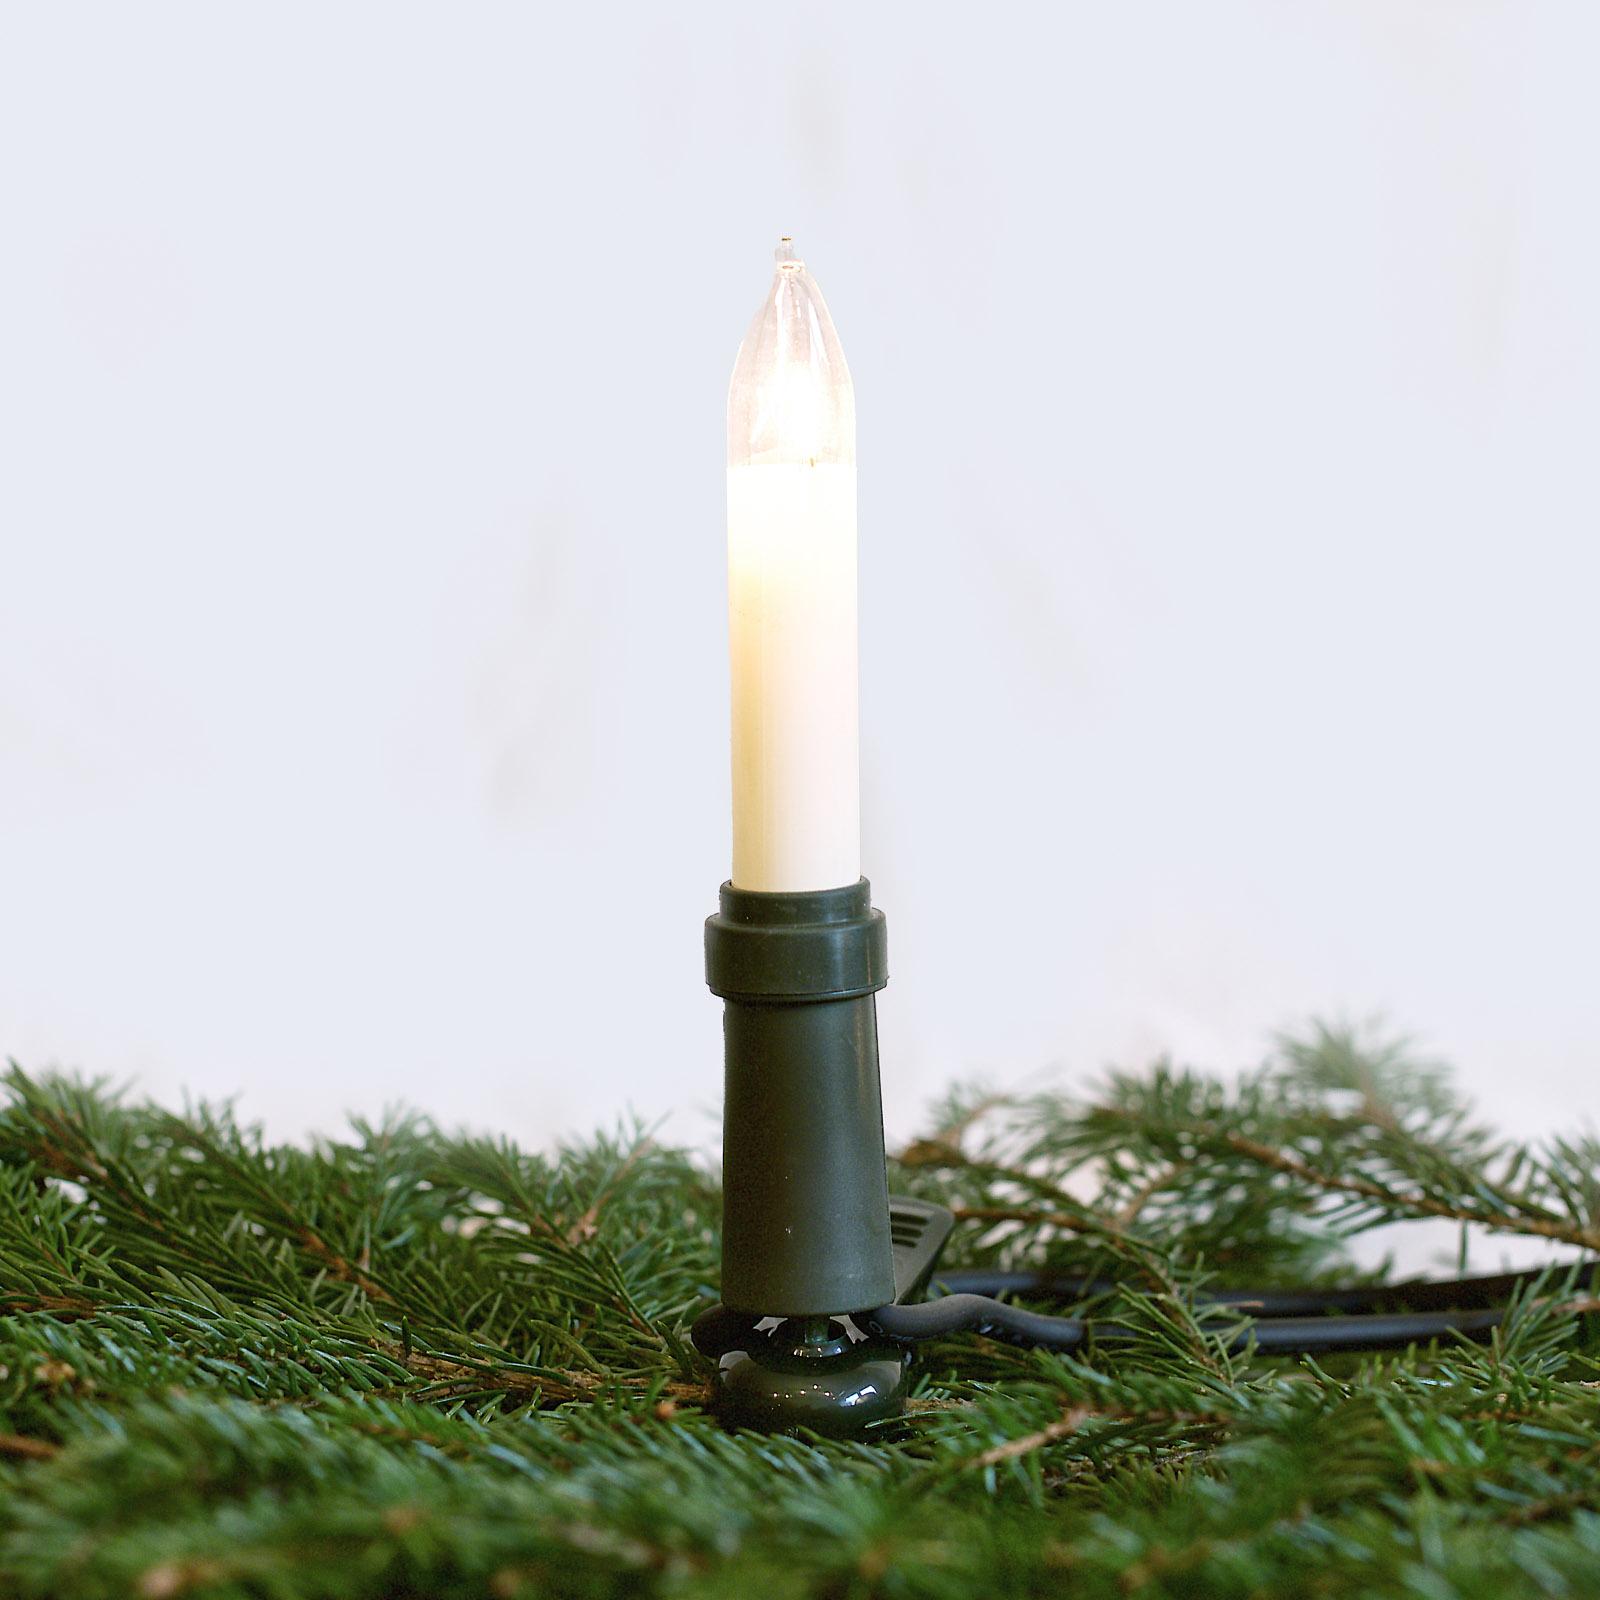 Lichtketting type 974 voor buiten, 15-delig, 15 m